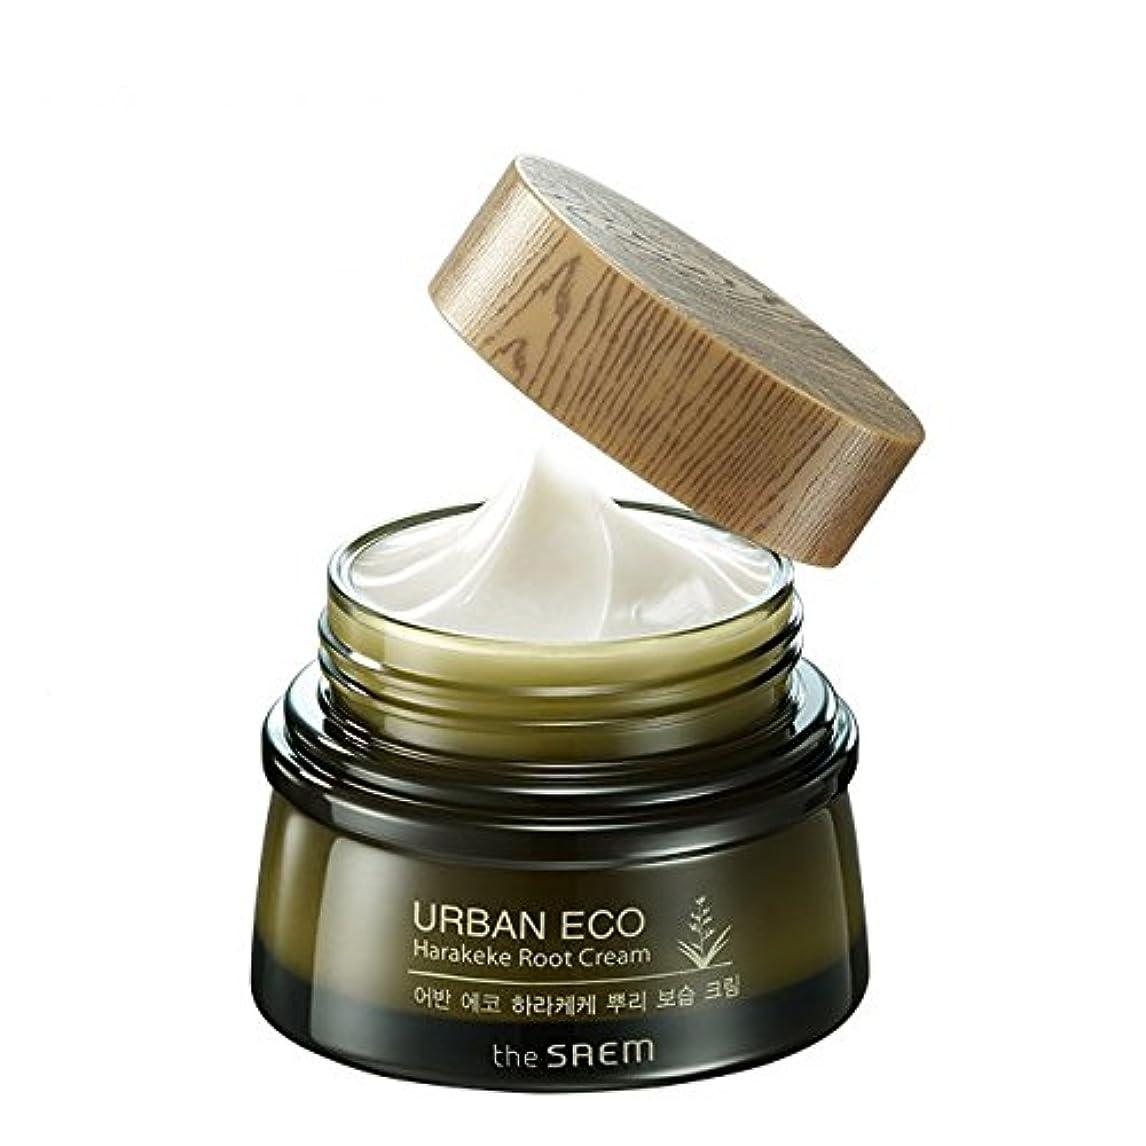 振り返るくしゃみ対人[ザセム] The Saem [アーバンエコ ハラケケ 根保湿クリーム60ml (The Saem Urban Eco Harakeke Root Cream60ml)